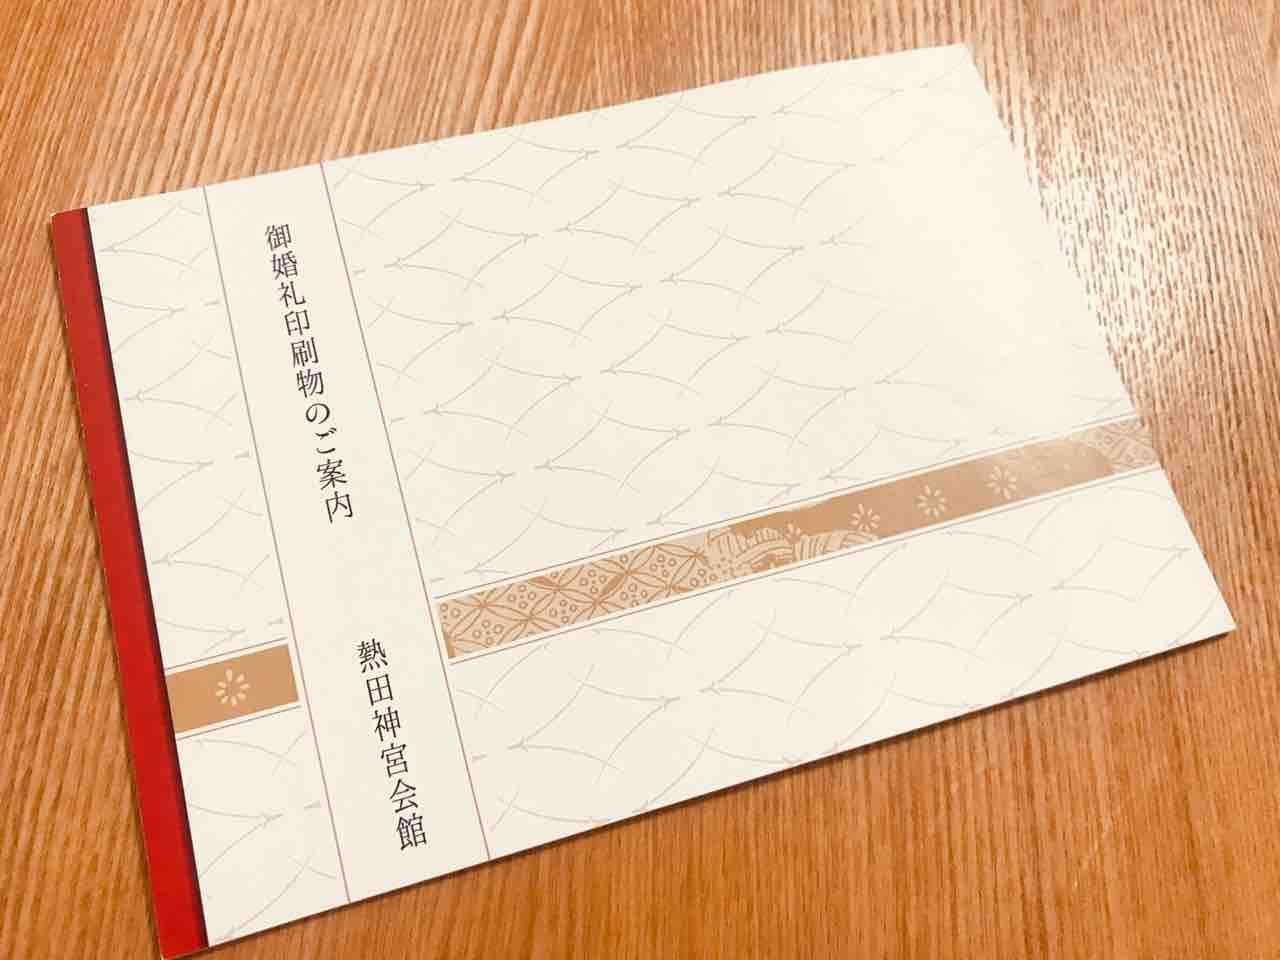 熱田神宮の招待状などが載っているパンフレット